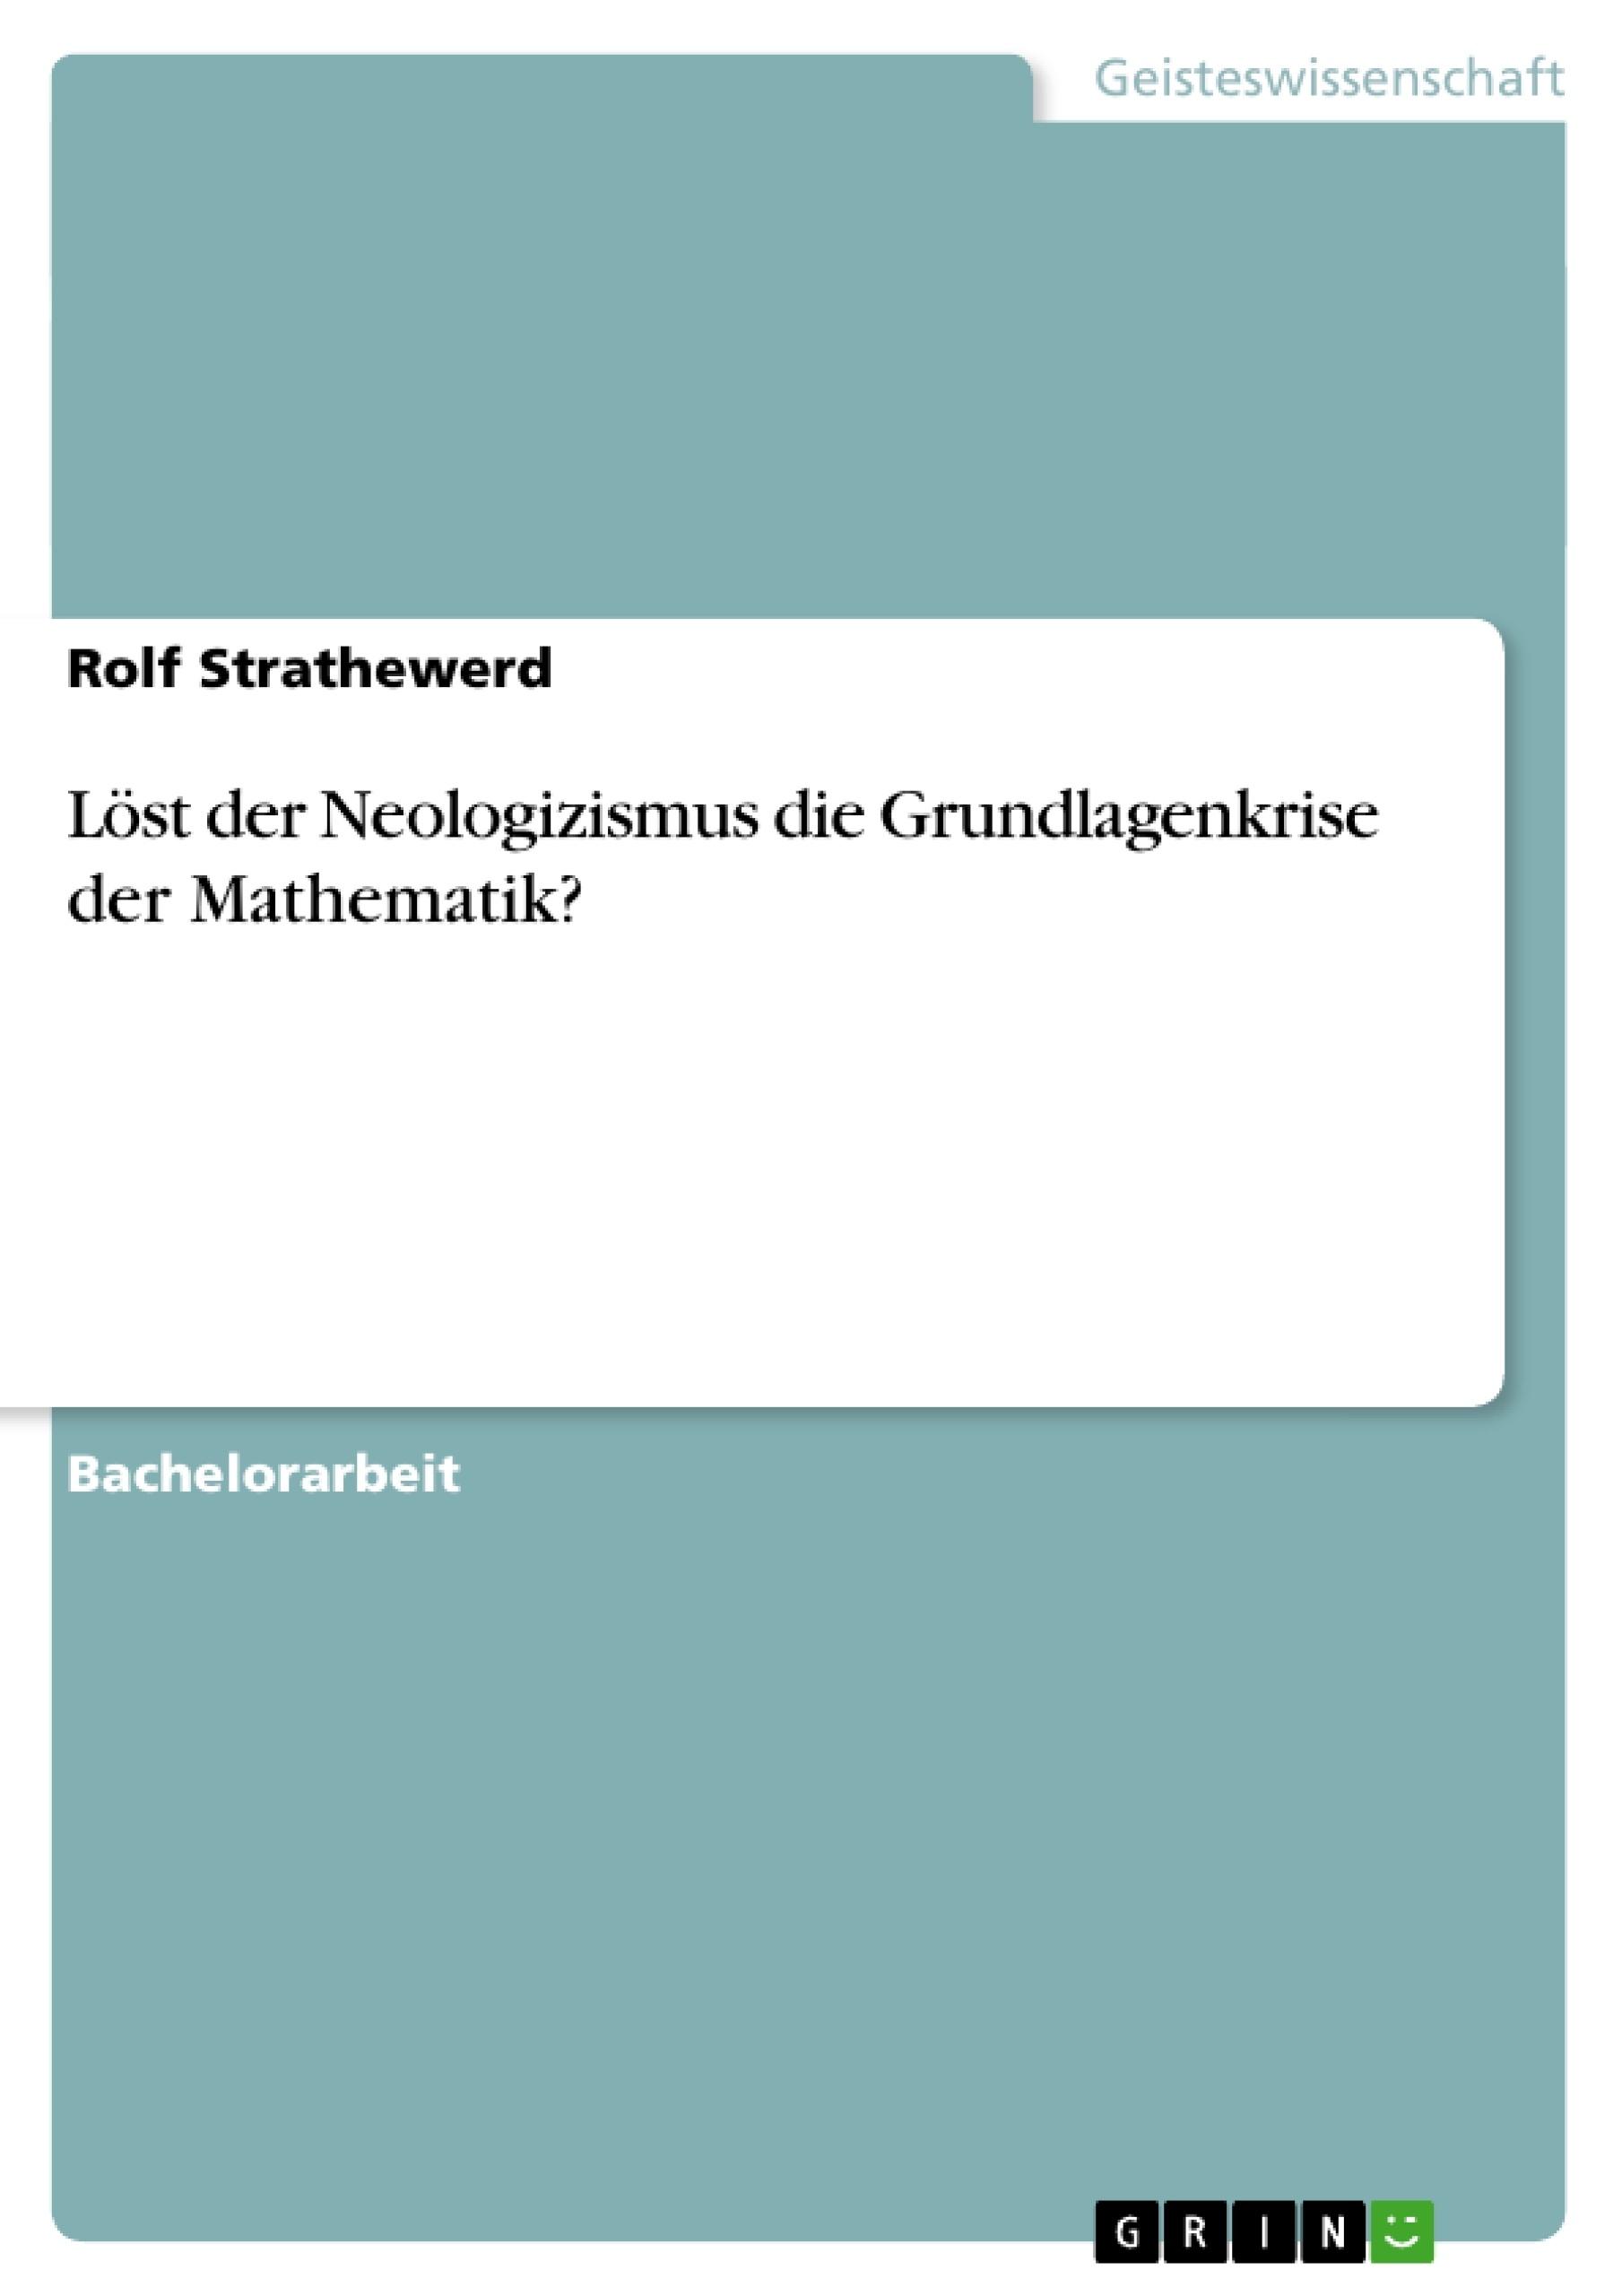 Titel: Löst der Neologizismus die Grundlagenkrise der Mathematik?